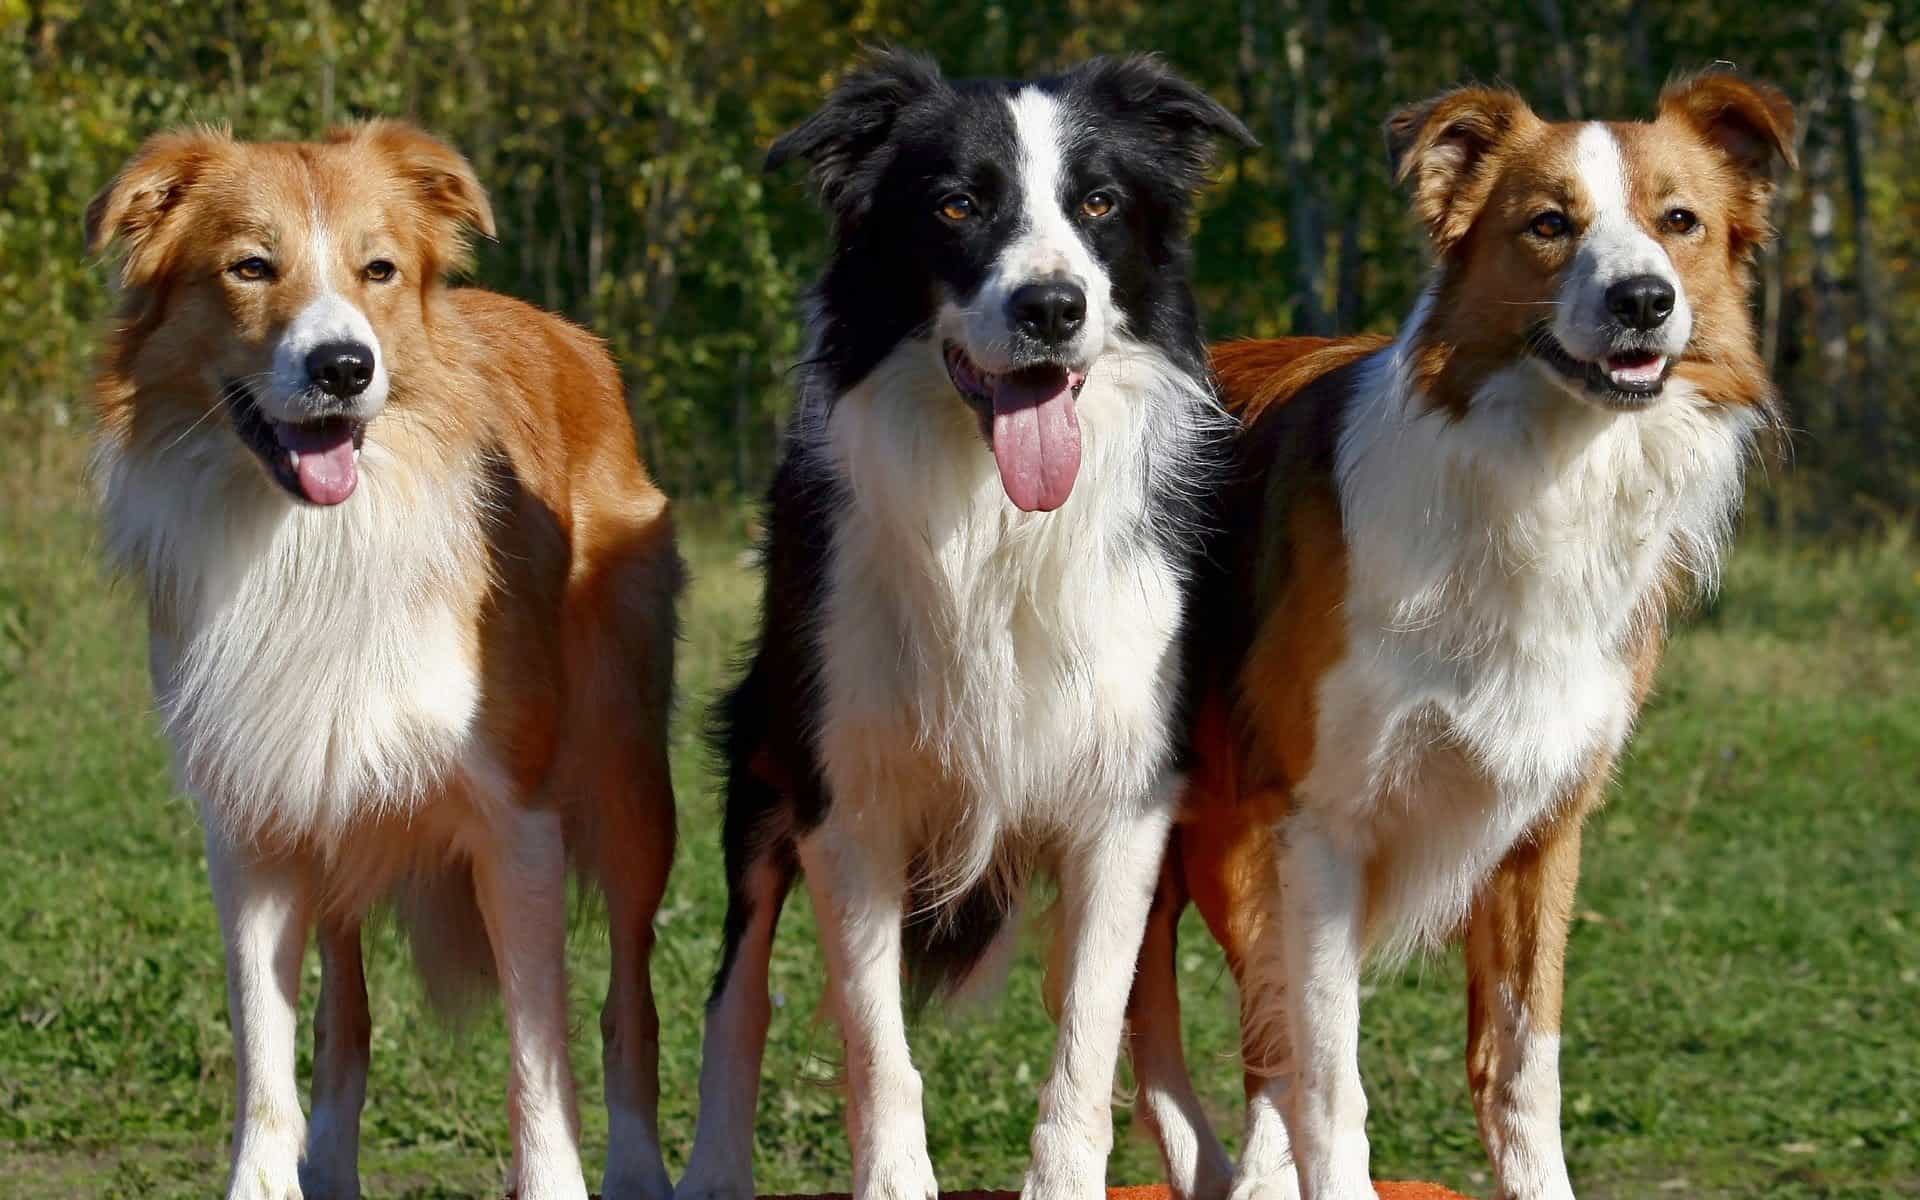 3 chú chó Collie biên giới cùng nhau khoe dáng